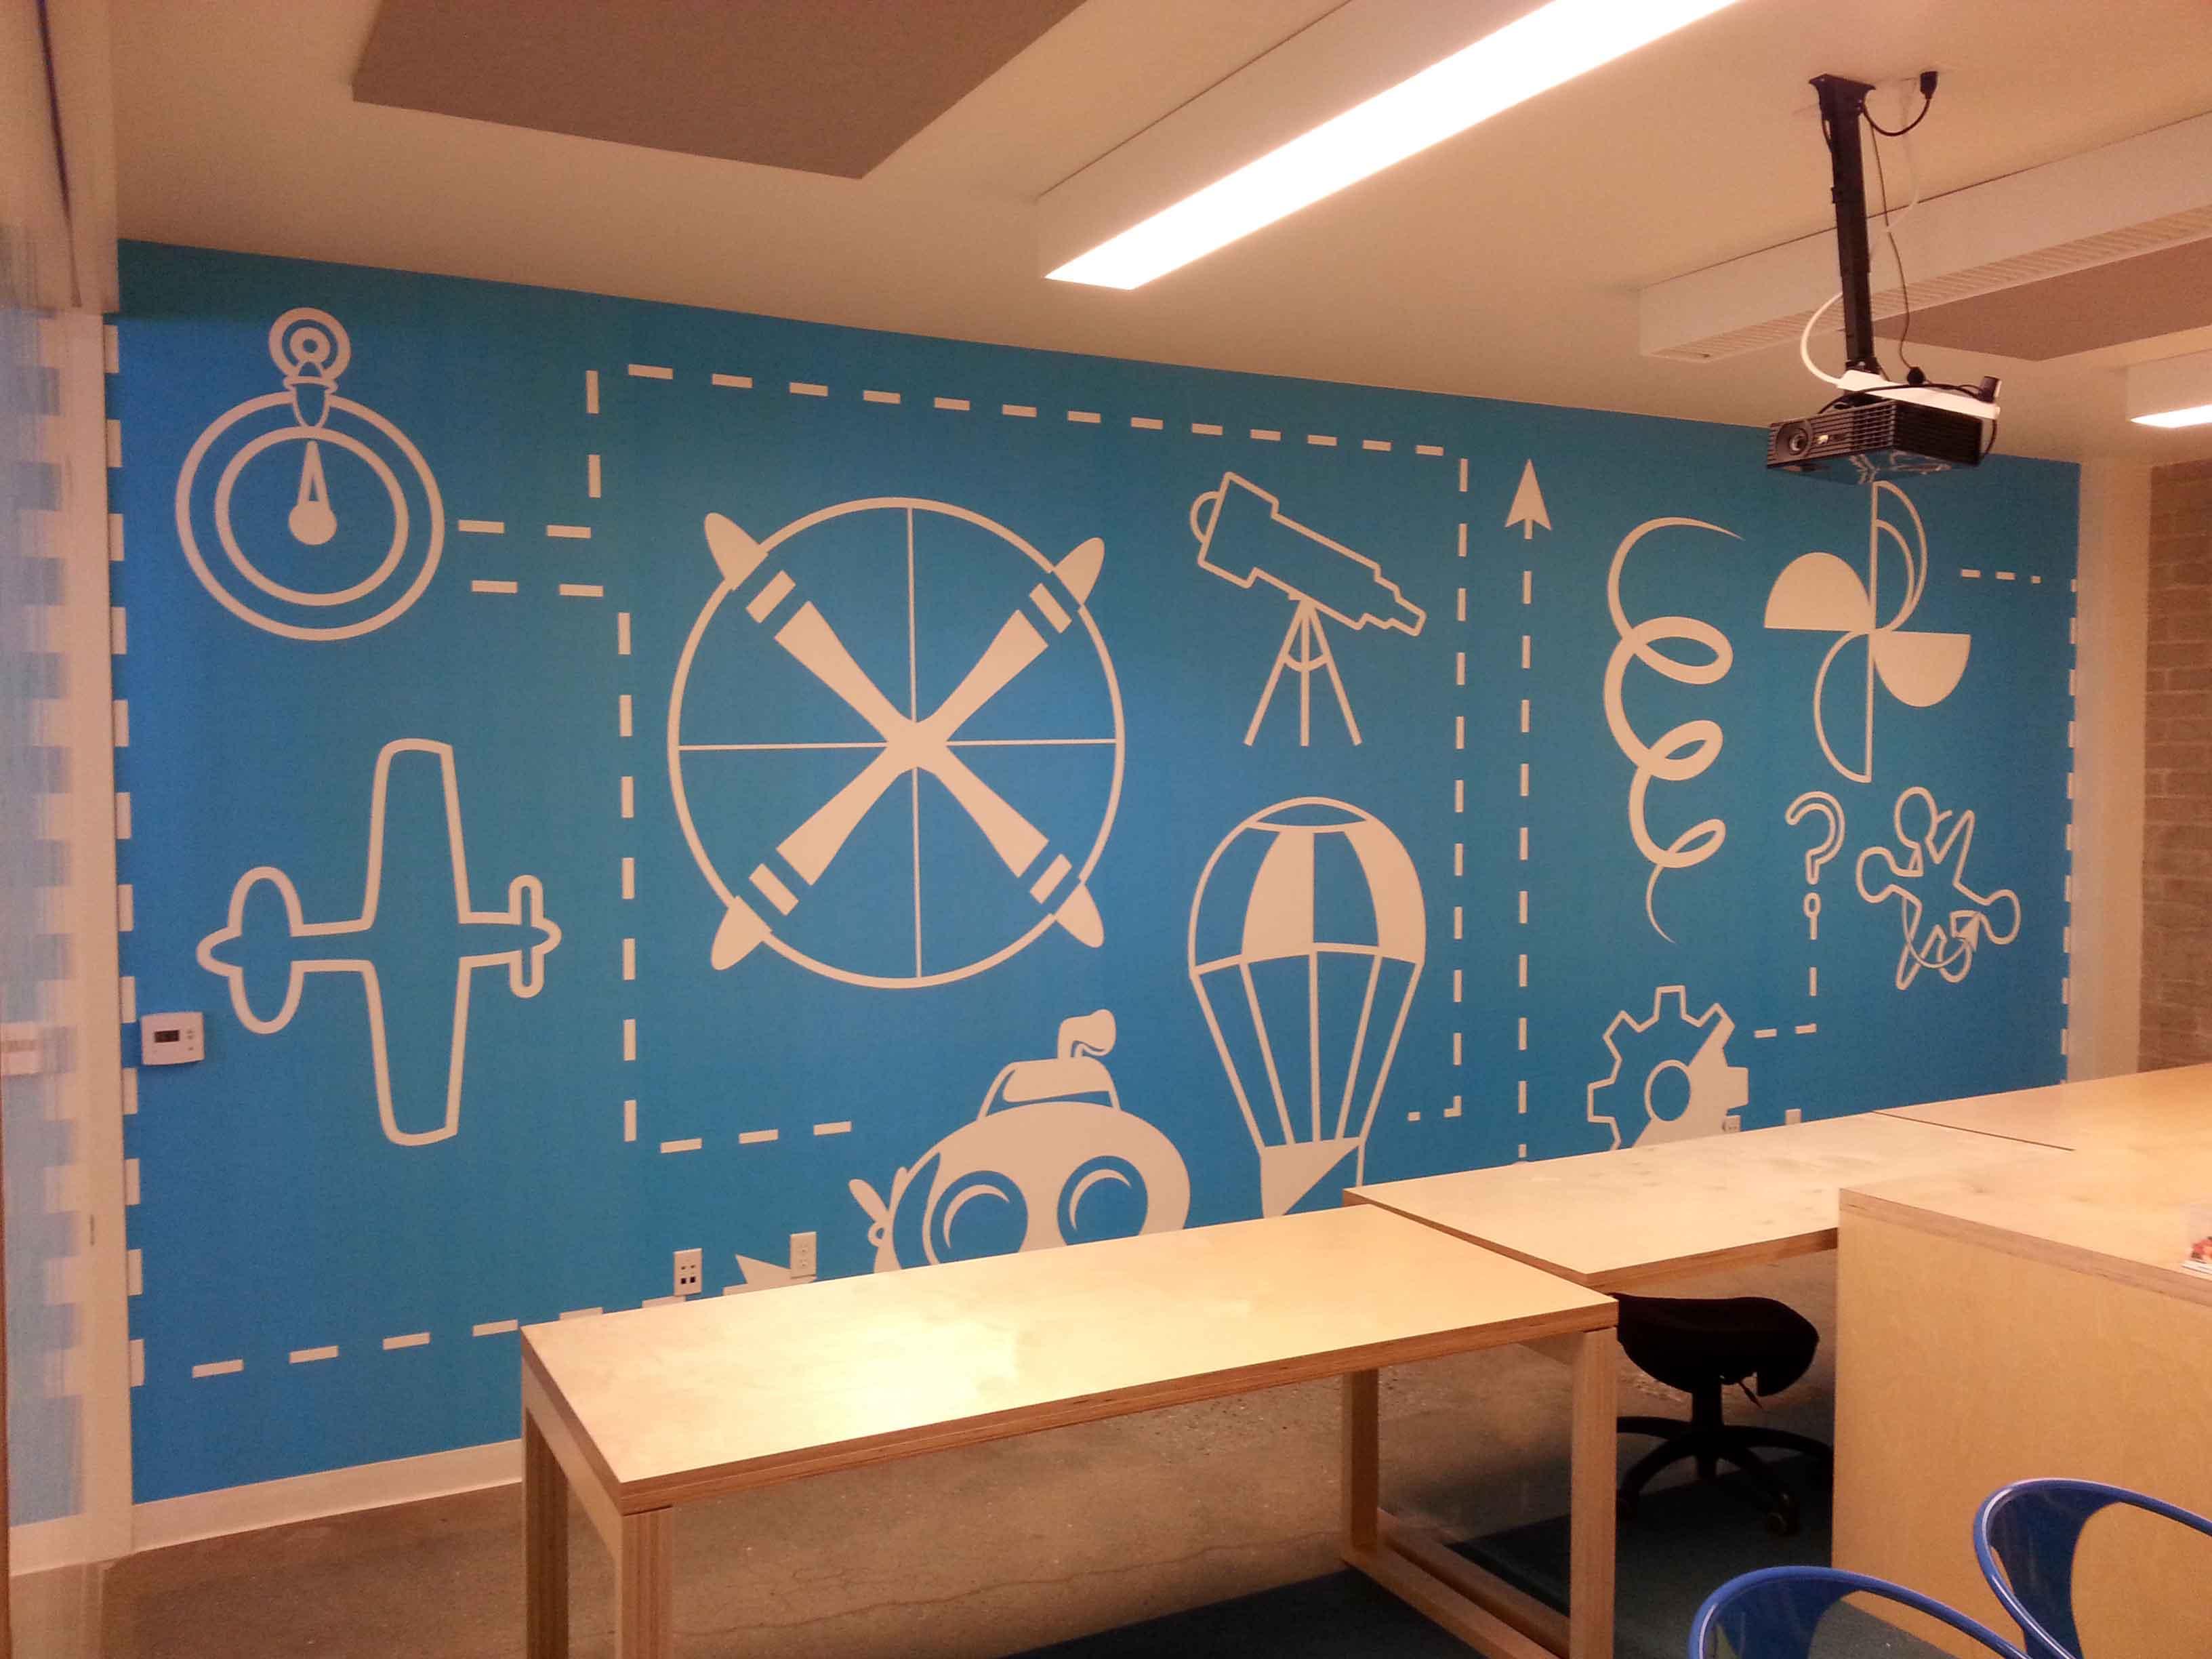 Playroom Wall Graphics